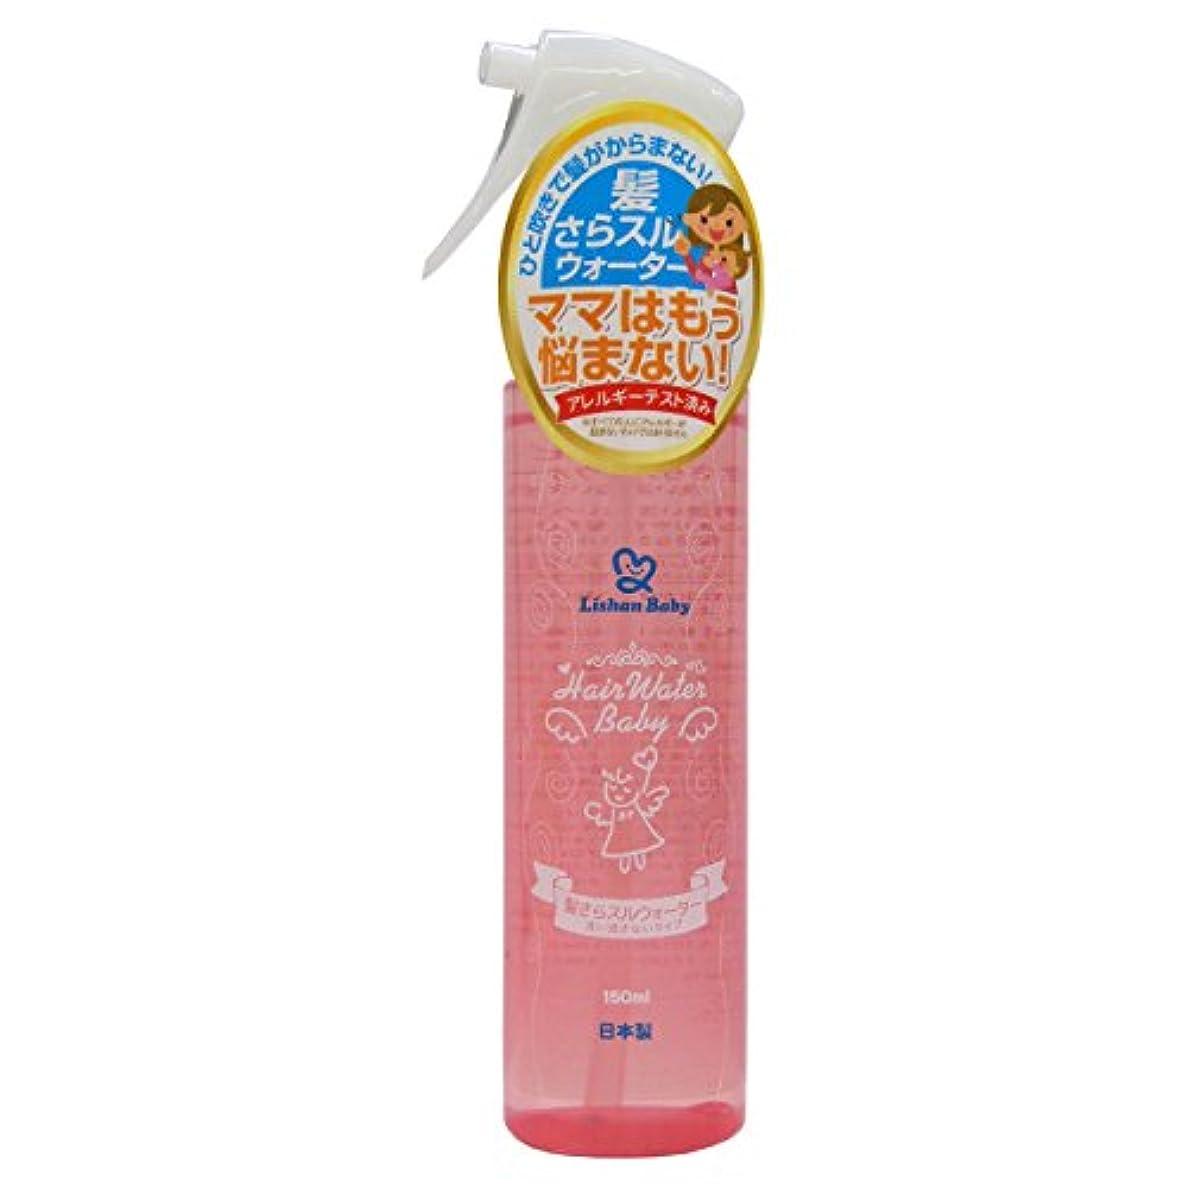 登録するローラーピースリシャンベビー 髪さらスルウォーター 幼児用 (フローラルの香り) 150mL